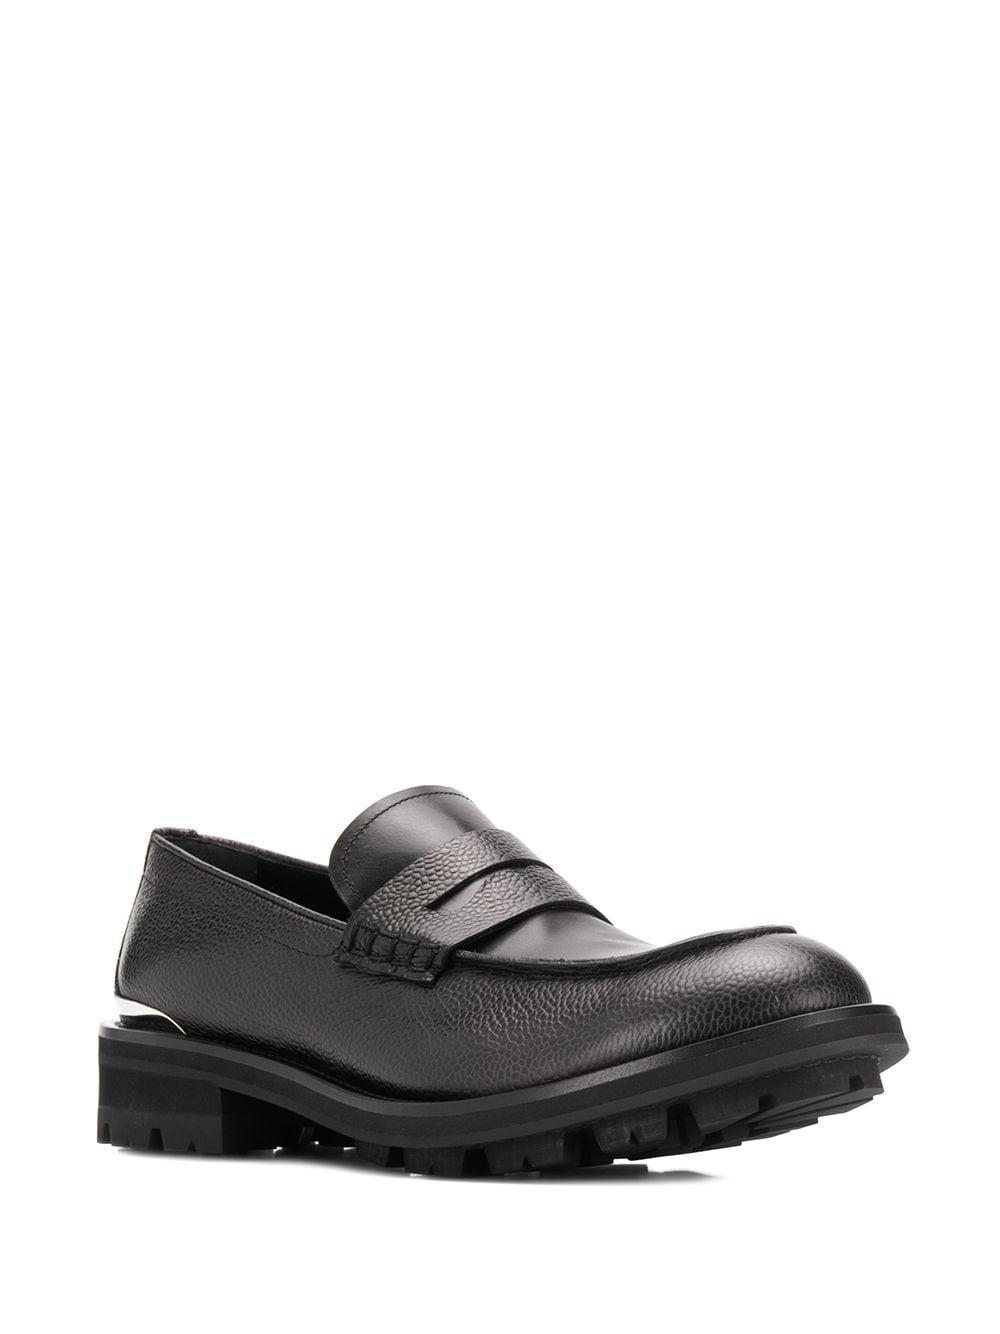 Mocasines granulados con apliques de metal Alexander McQueen de Cuero de color Negro para hombre